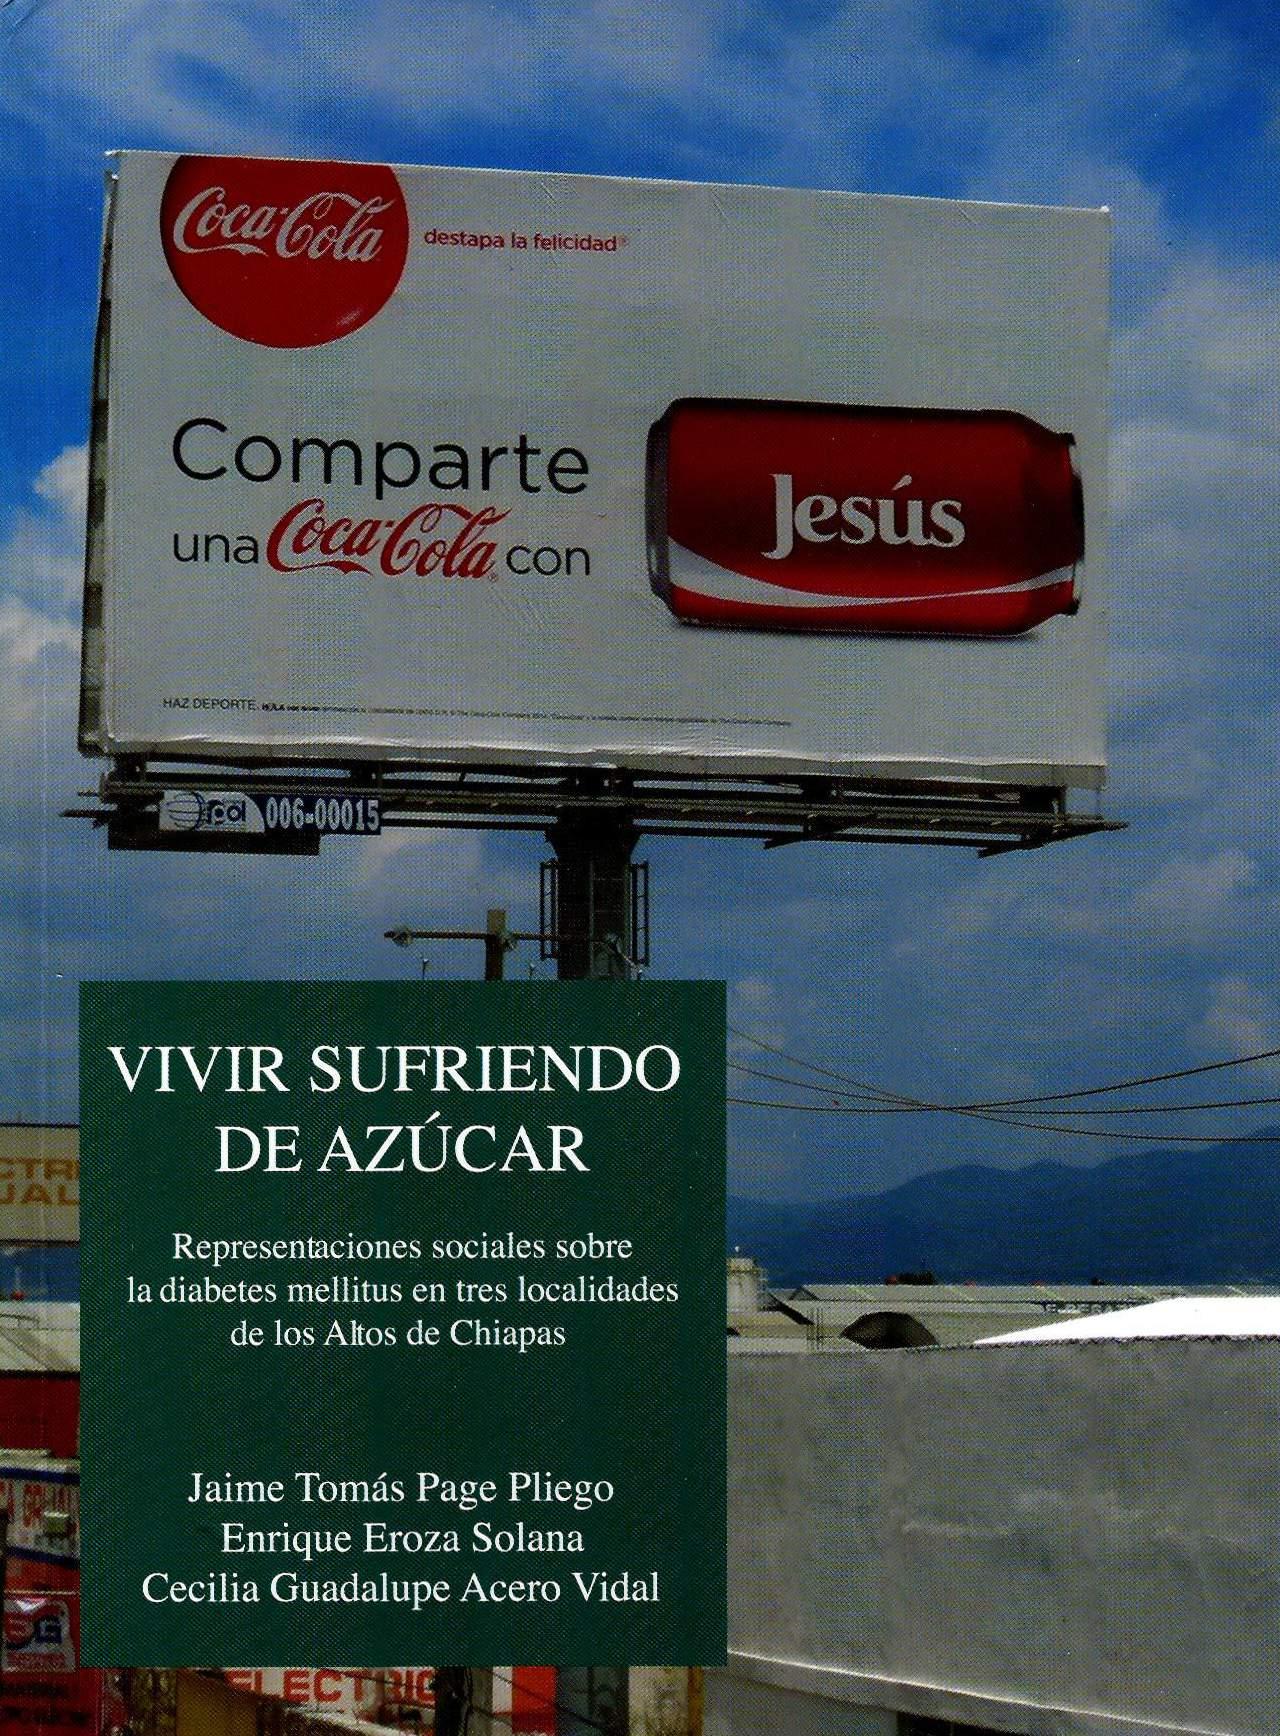 Vivir sufriendo de azúcar. Representaciones sociales sobre la diabetes mellitus en tres localidades de los altos de Chiapas